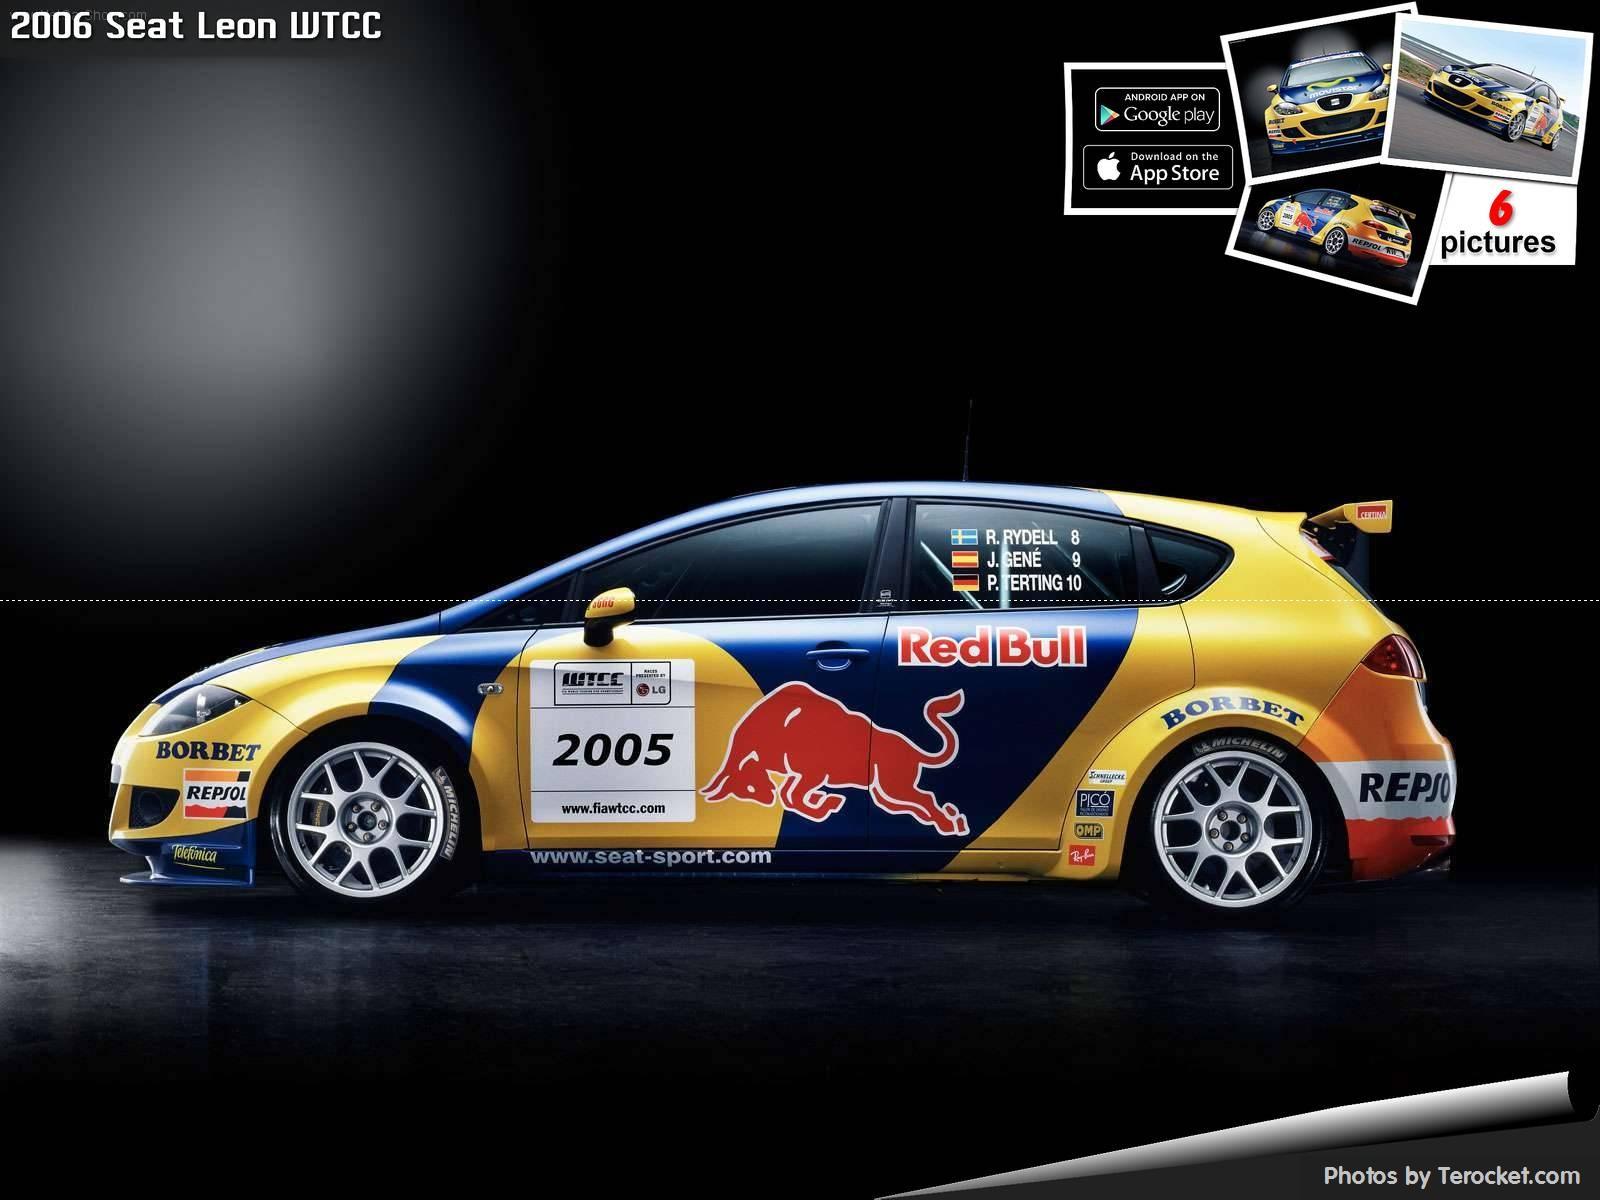 Hình ảnh xe ô tô Seat Leon WTCC 2006 & nội ngoại thất